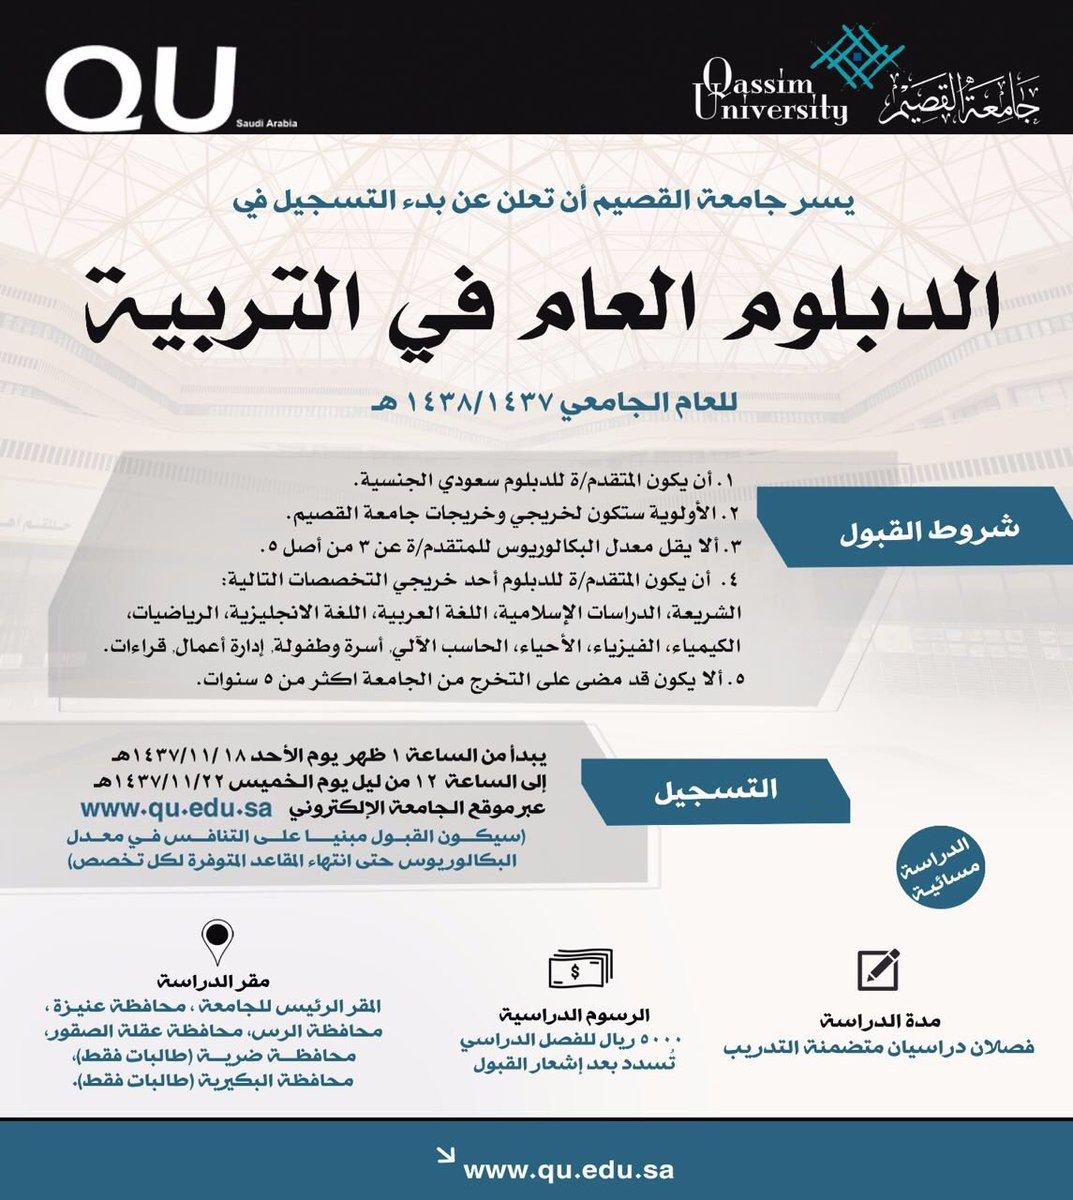 جامعة القصيم On Twitter جامعة القصيم تعلن بدء التسجيل في الدبلوم العام في التربية التفاصيل